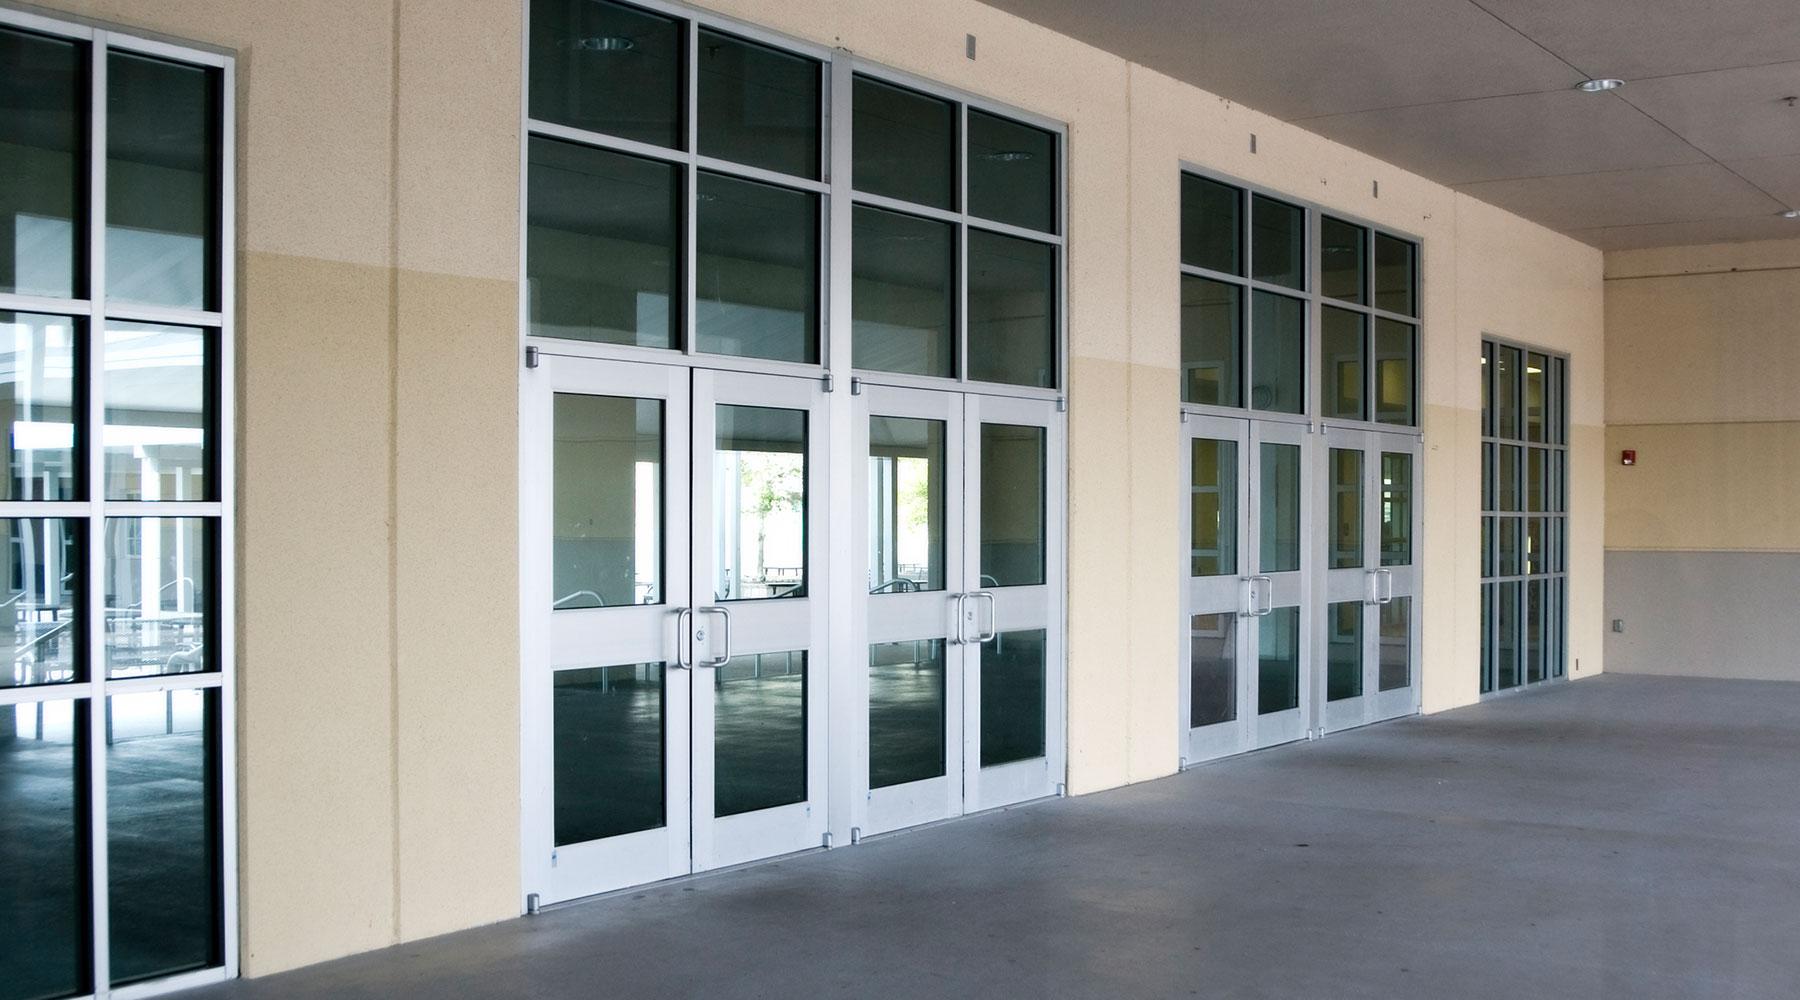 km-plast-rozwiązania-energooszczędne-drzwi-aluminiowe-funkcjonalność-trwałość-bezpieczeństwo-najwyższa-jakość